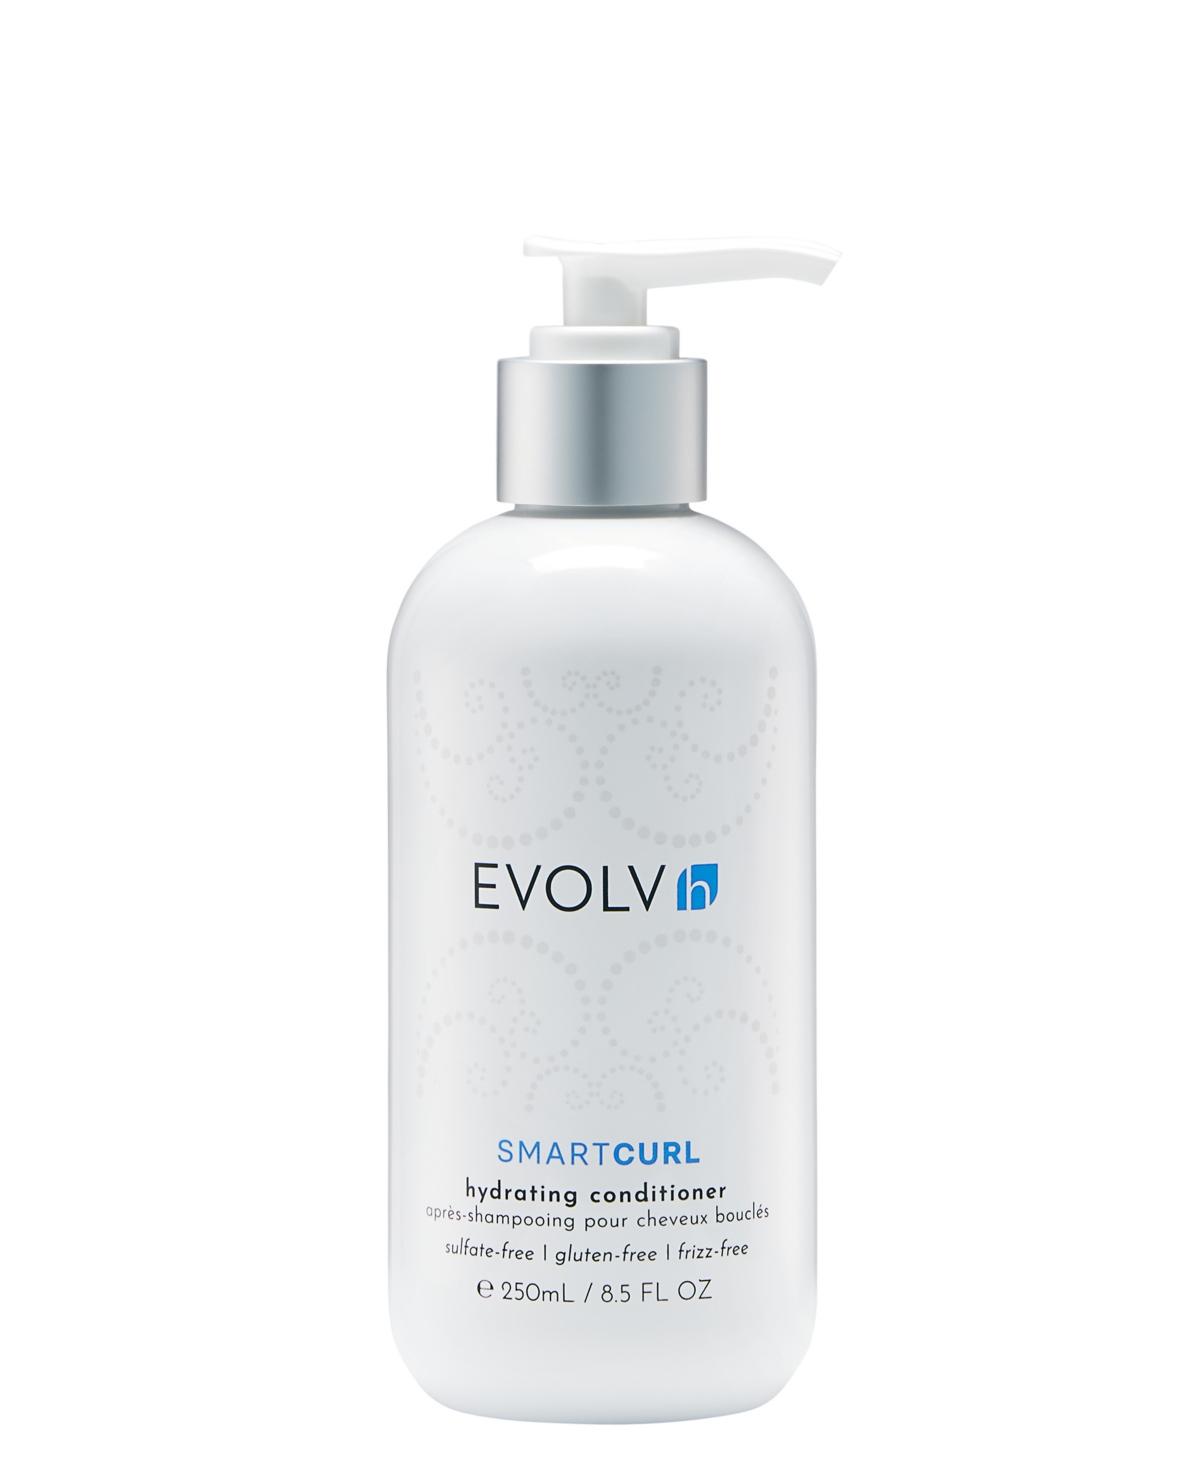 EVOLVh SmartCurl Hydrating Conditioner, 8.5 Oz